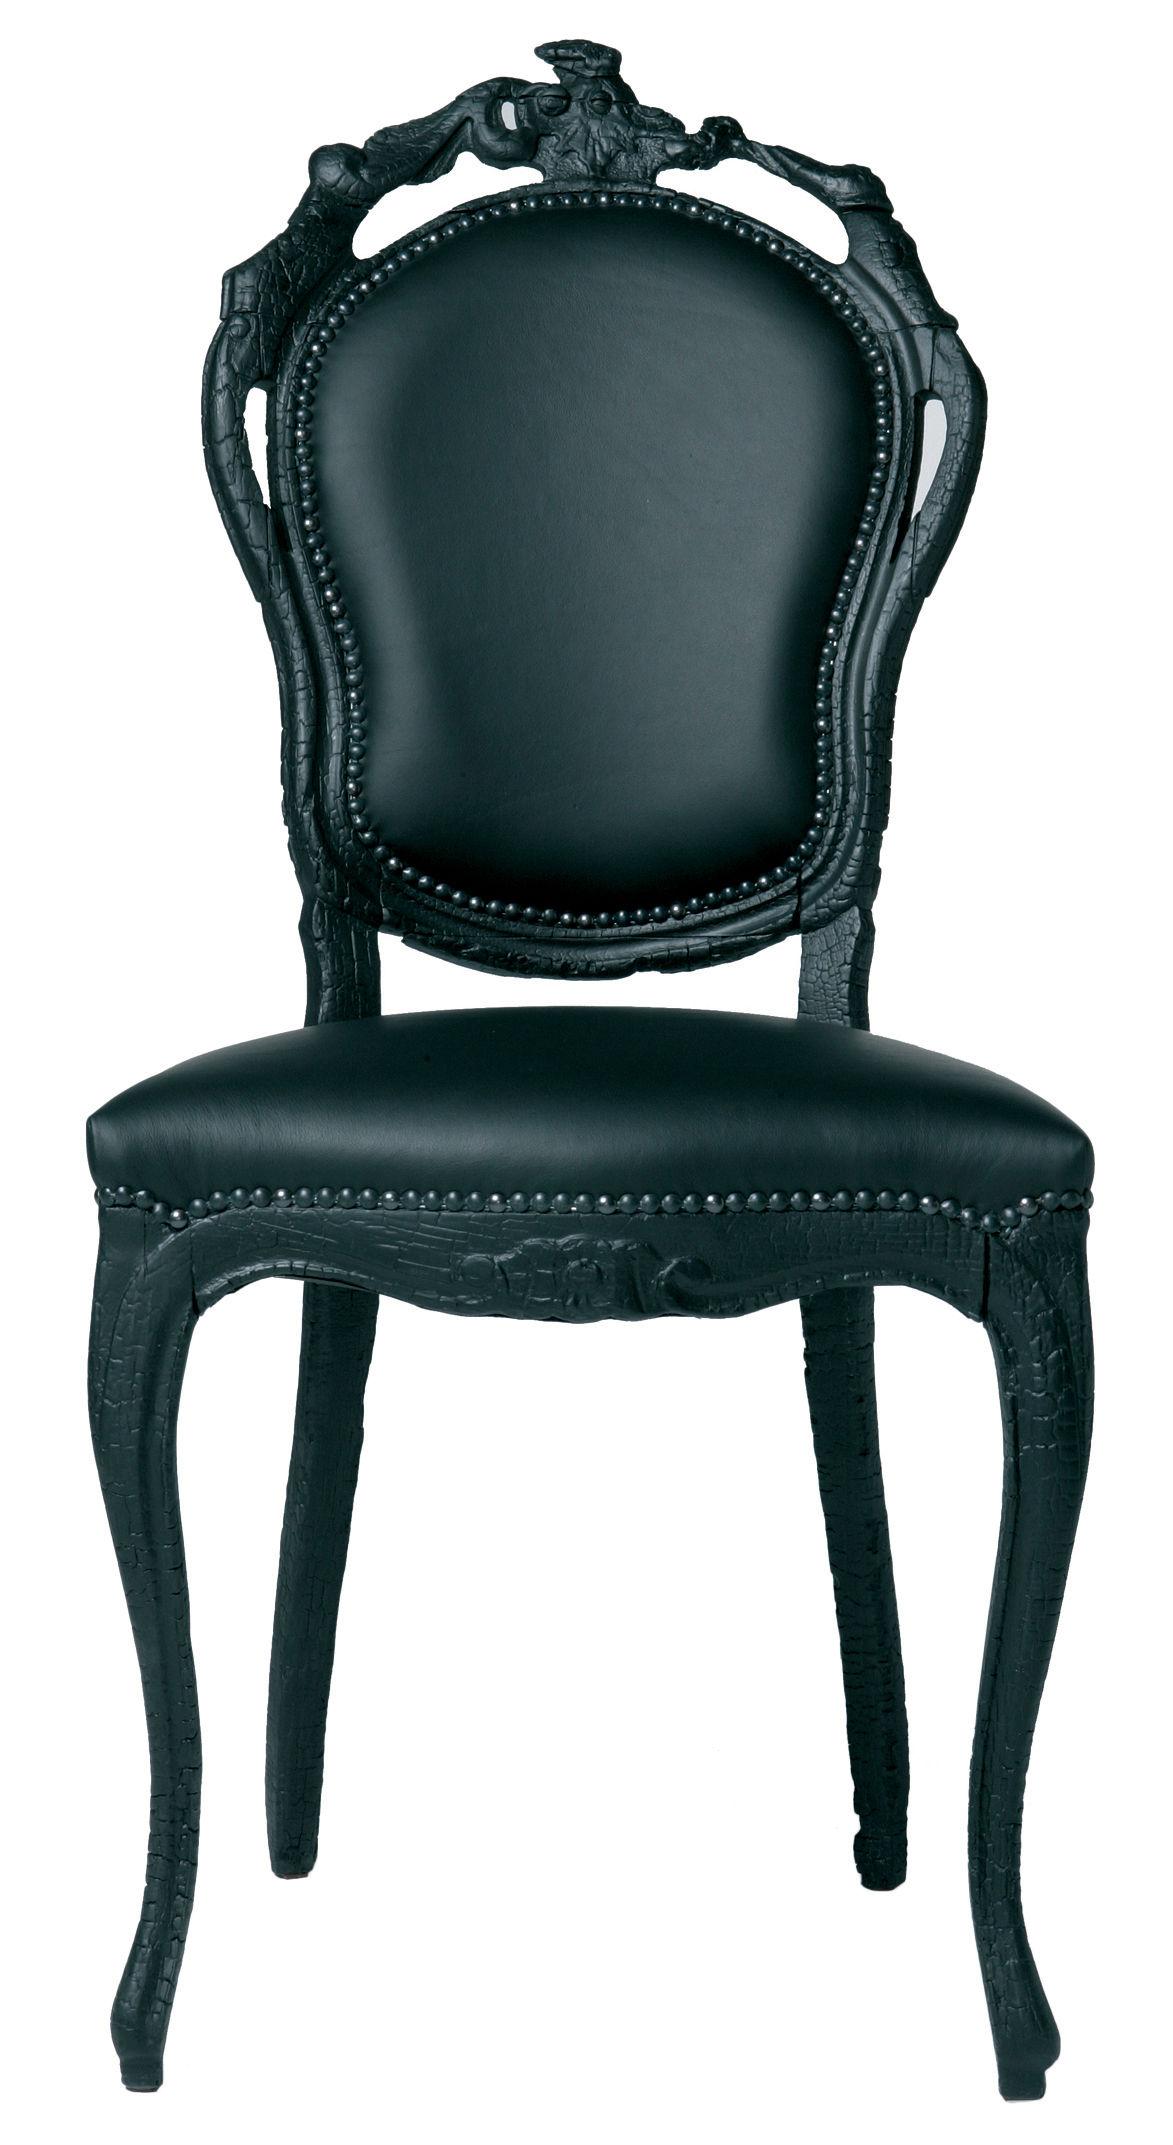 Mobilier - Chaises, fauteuils de salle à manger - Chaise rembourrée Smoke Chair / Bois & cuir - Moooi - Noir - Bois brûlé, Cuir